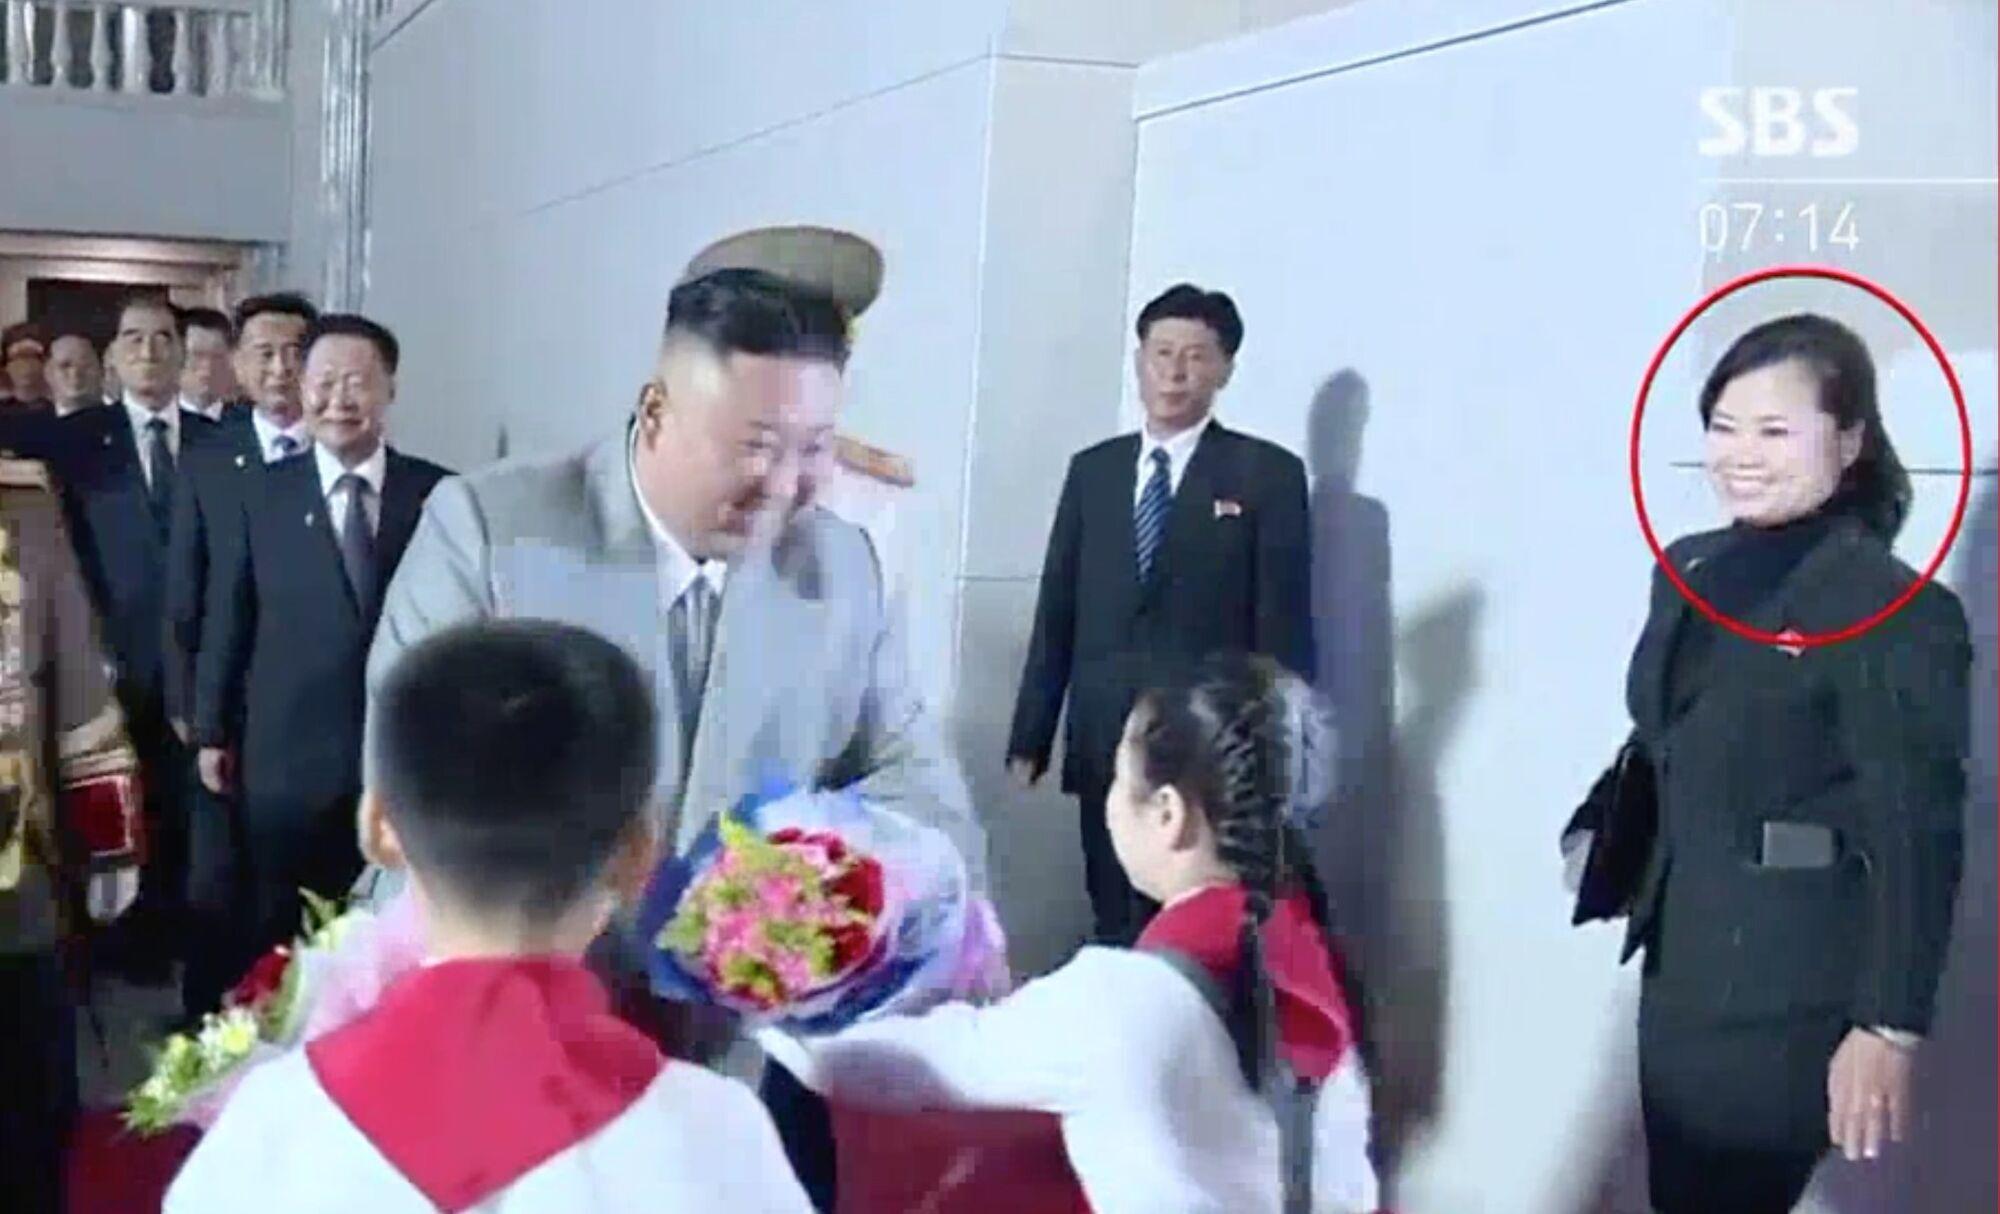 Ким Чен Ын в сопровождении Хен Сон Воль.